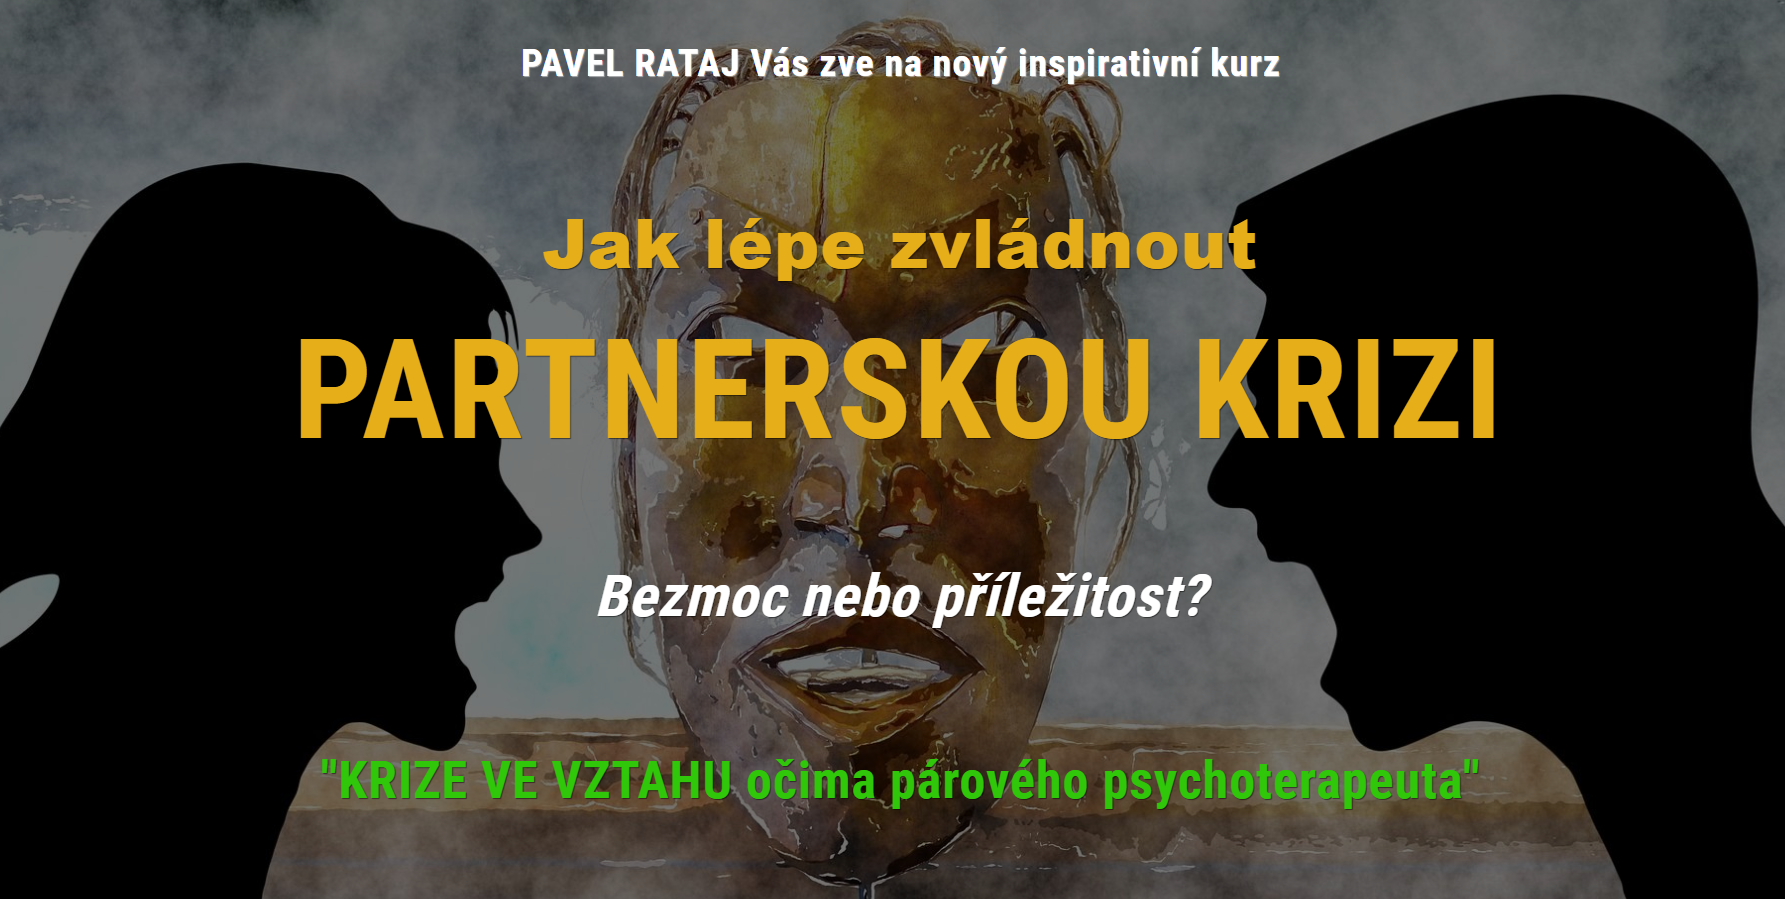 Partnerská krize spárovým terapeutem - Pavel Rataj